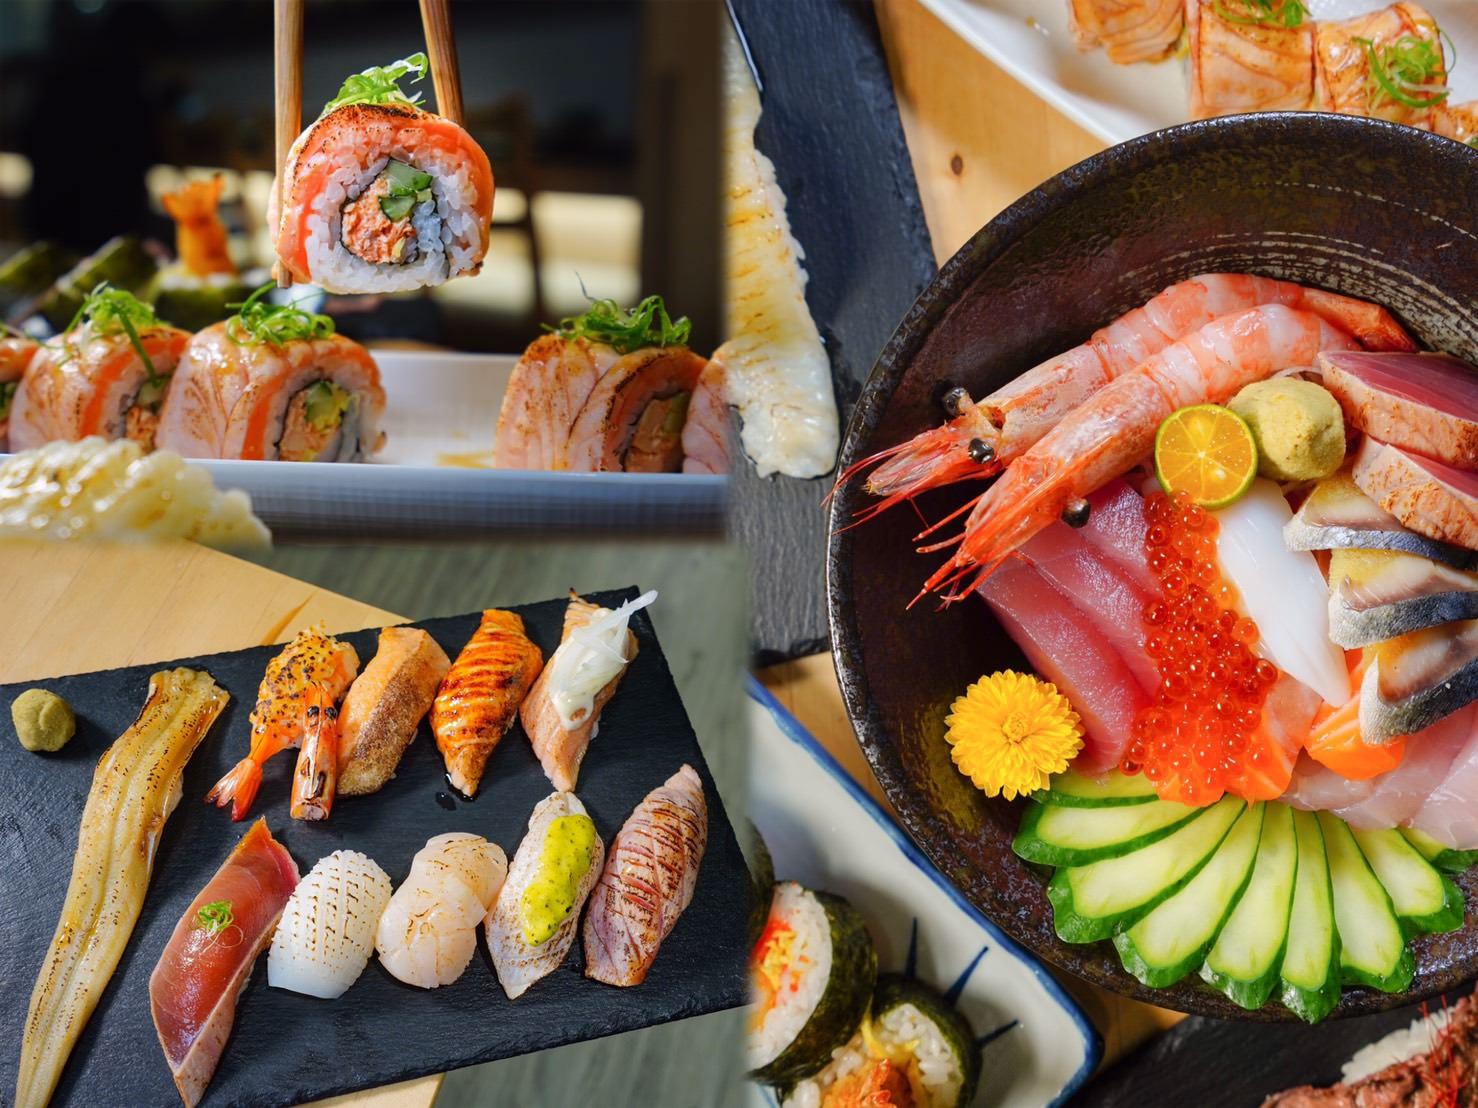 高雄苓雅區美食 橘葉壽司丼飯專門店-苓雅CP值最高,有質感的日式壽司丼飯